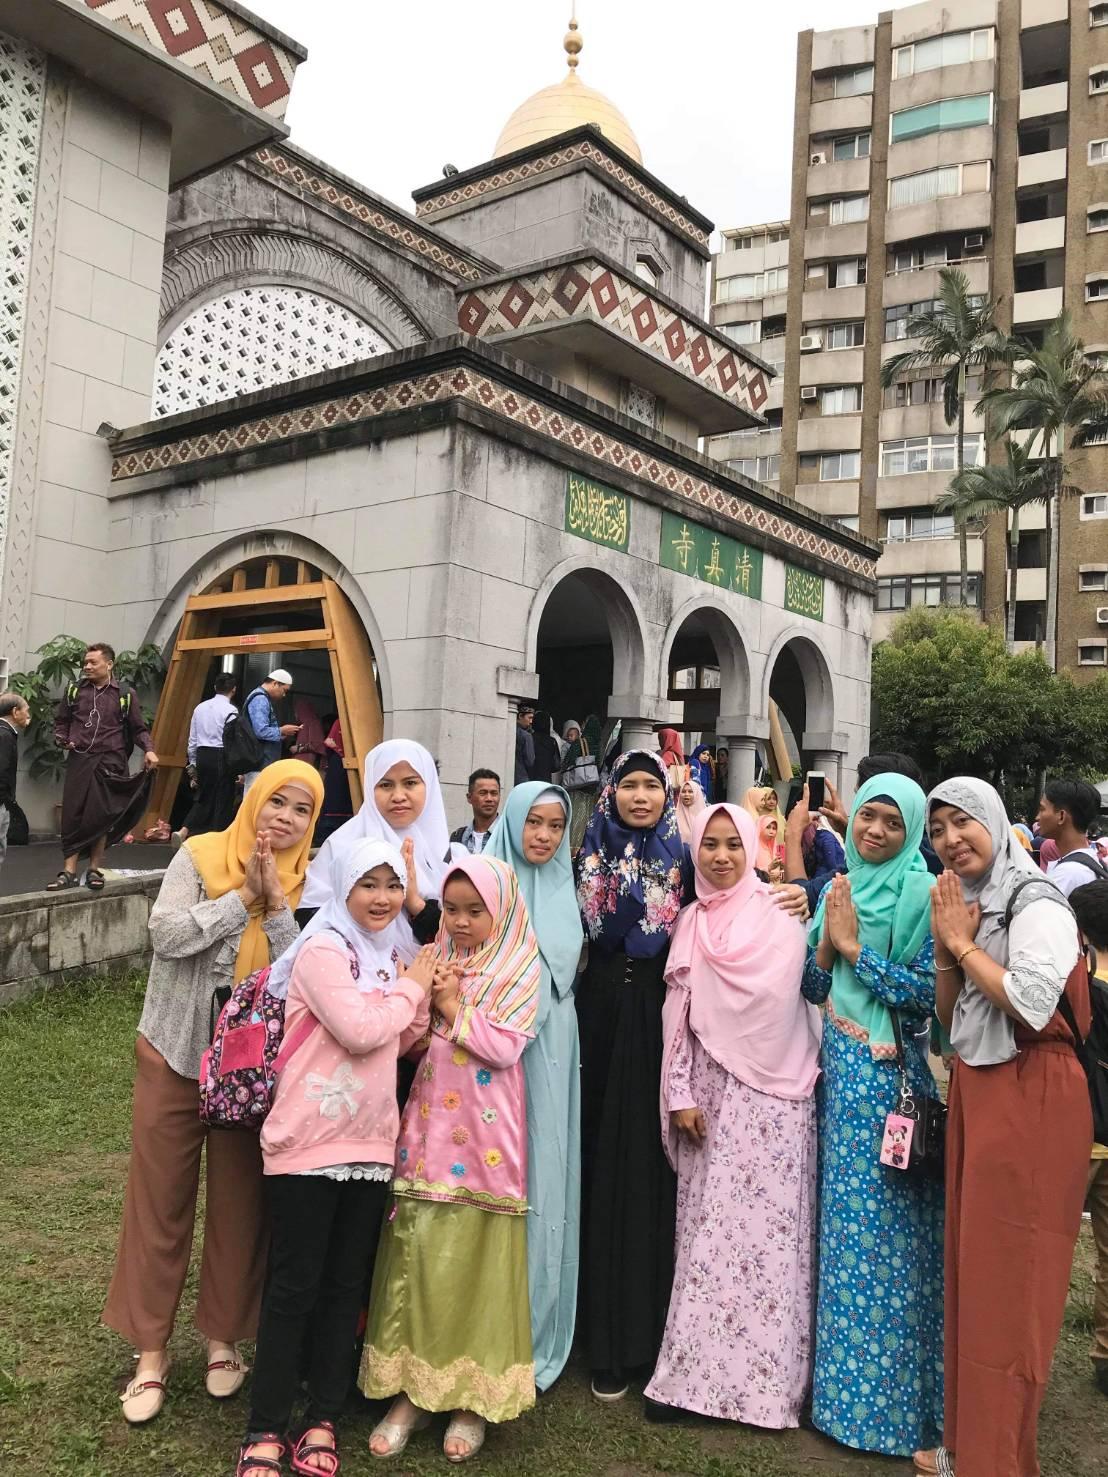 รูปถ่ายครอบครัวหน้ามัสยิดในวันอีดุลฟิฏรี อินโดนีเซีย